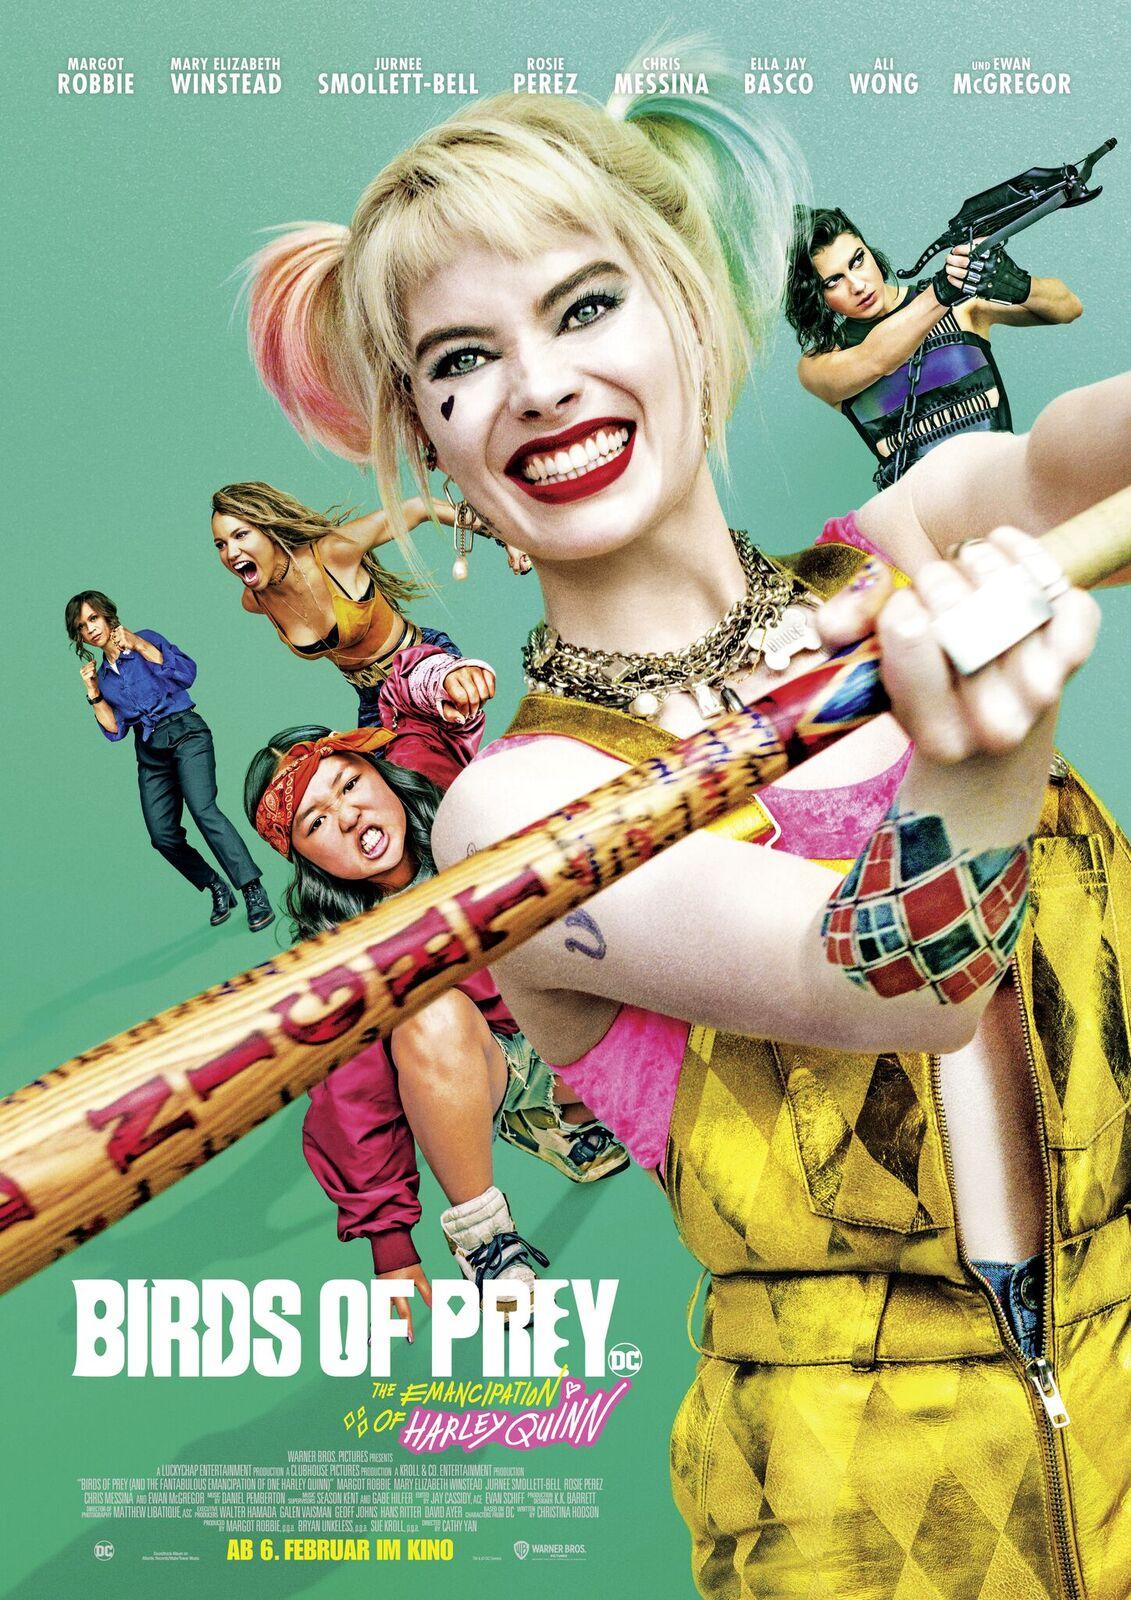 Auf dem Plakat von Birds of Prey ist Harley Quinn (Margot Robbie) grinsend mit einem Baseballschläger zu sehen.